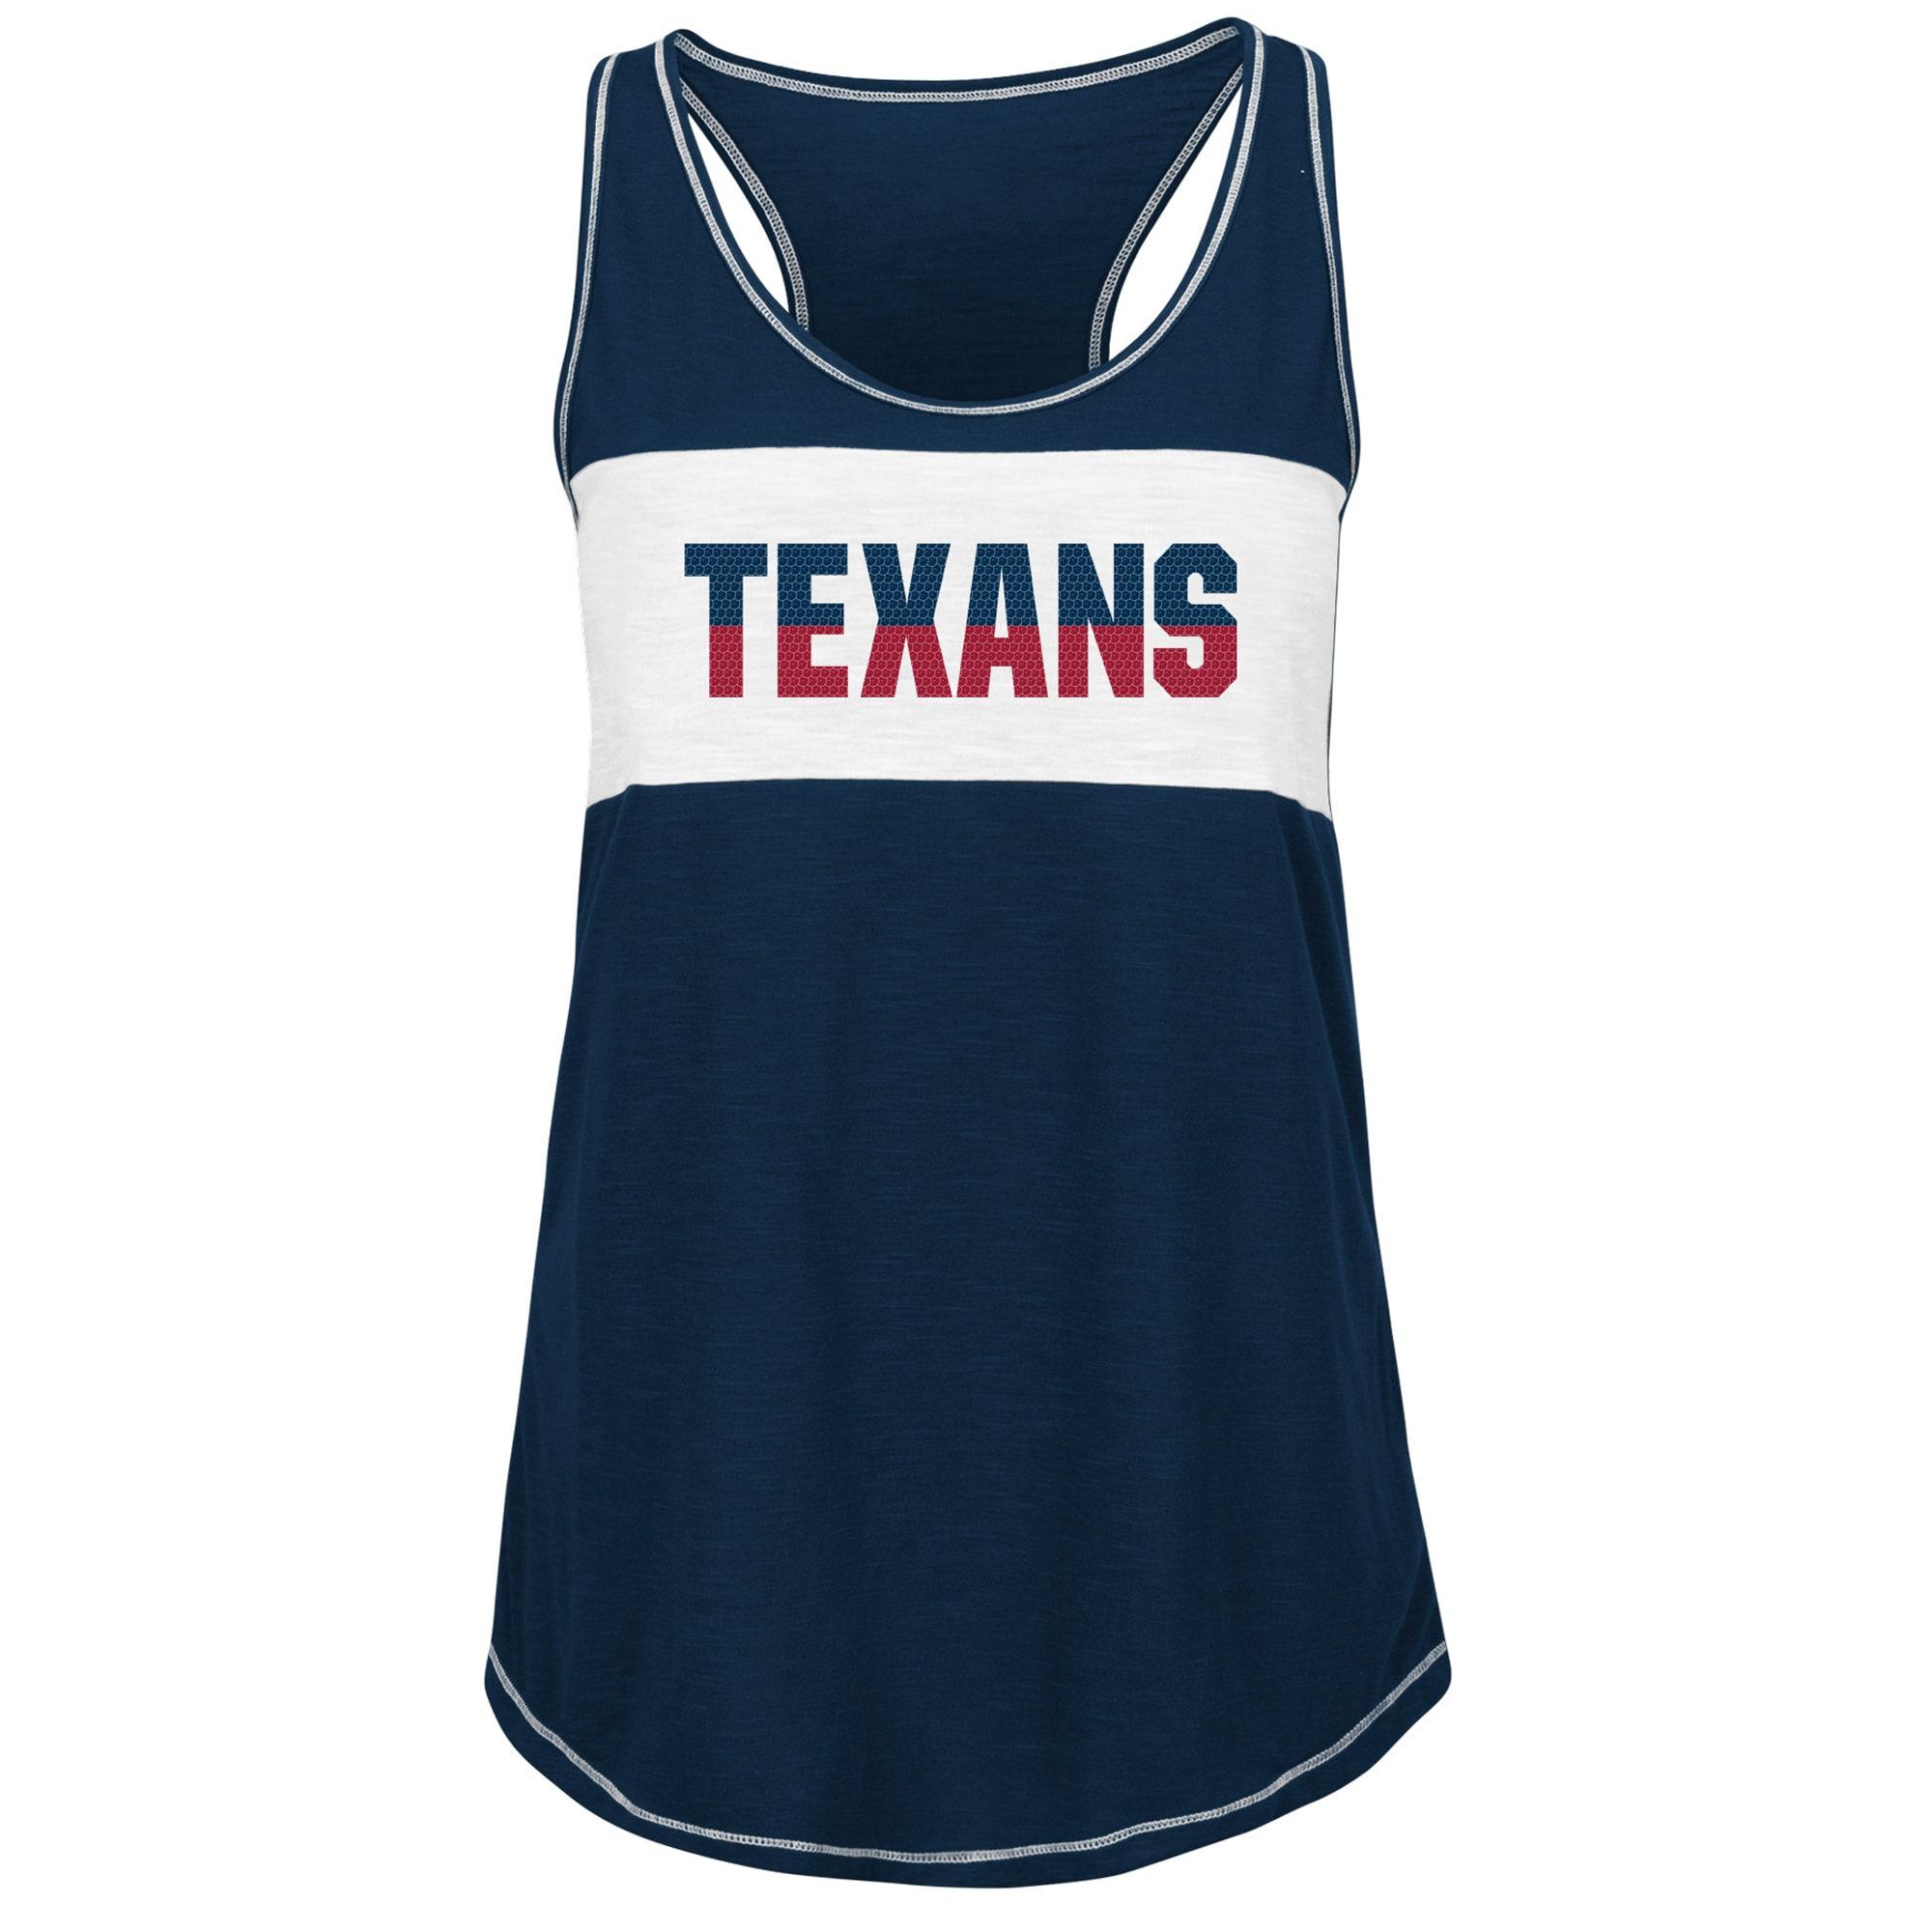 Houston Texans Majestic Women's Game Time Glitz Tank Top - Navy